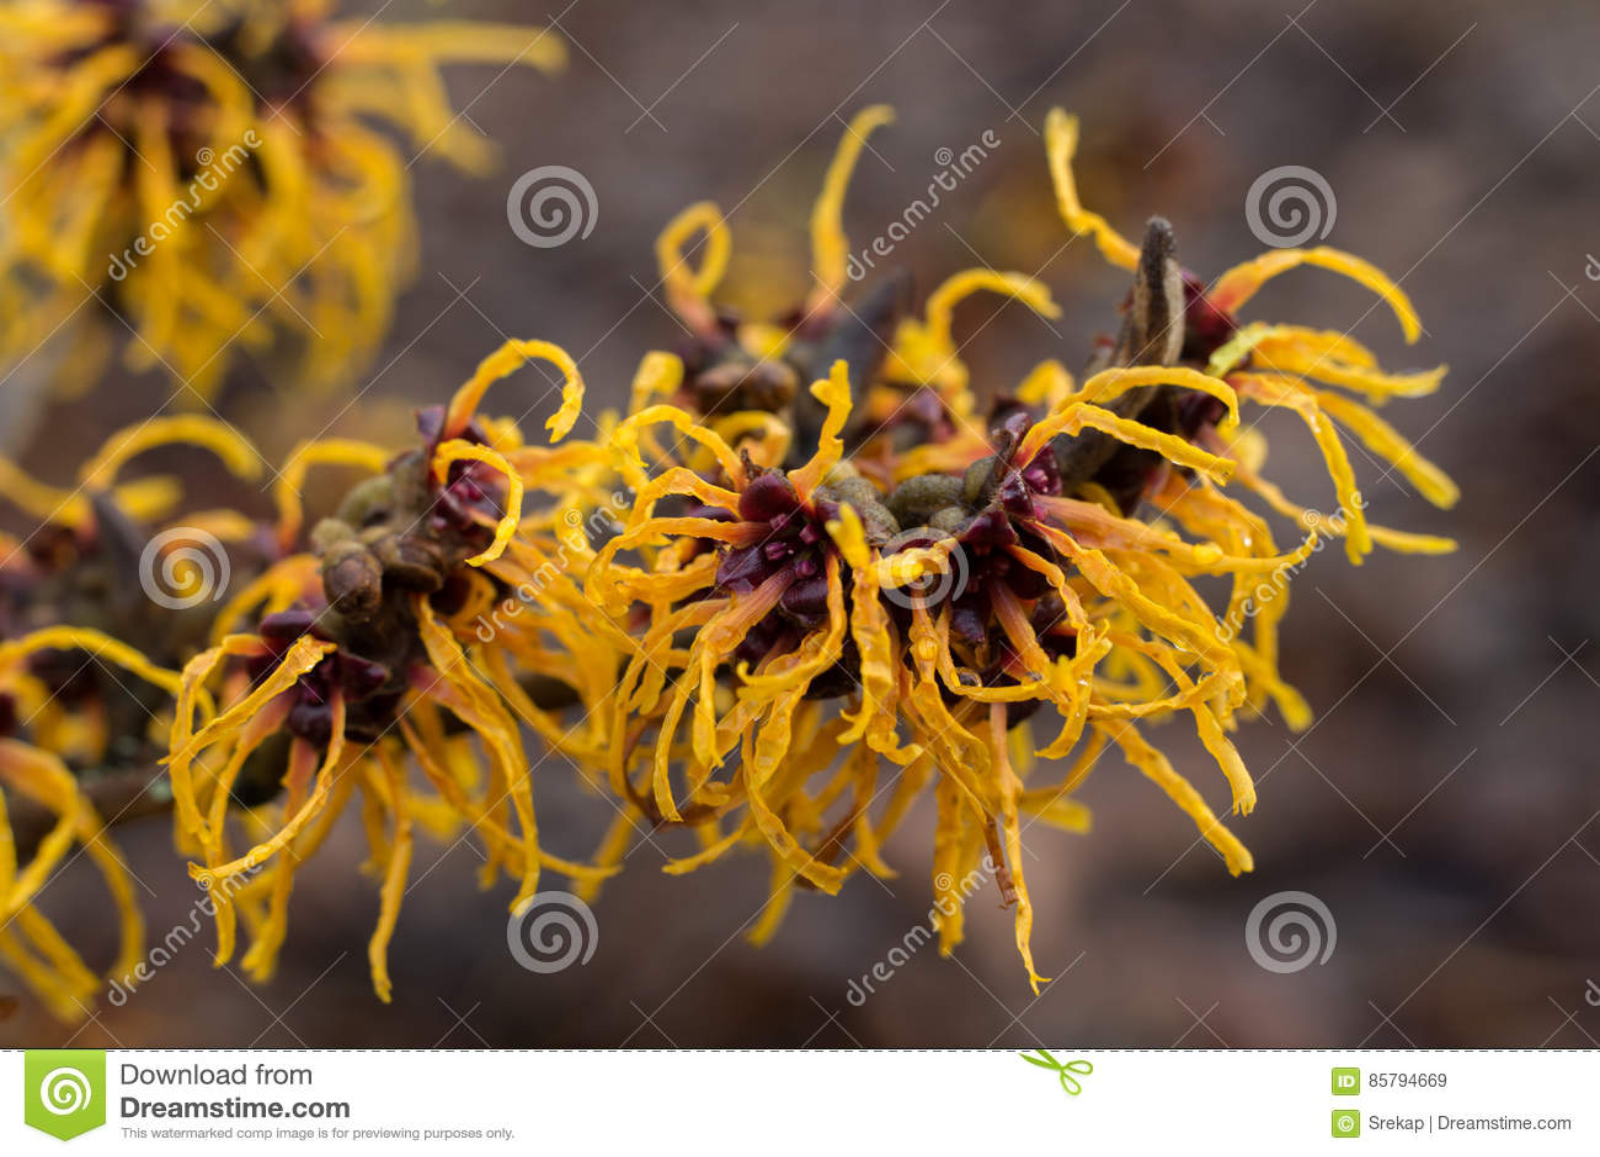 Kwiatonośna Chińska czarownicy leszczyna